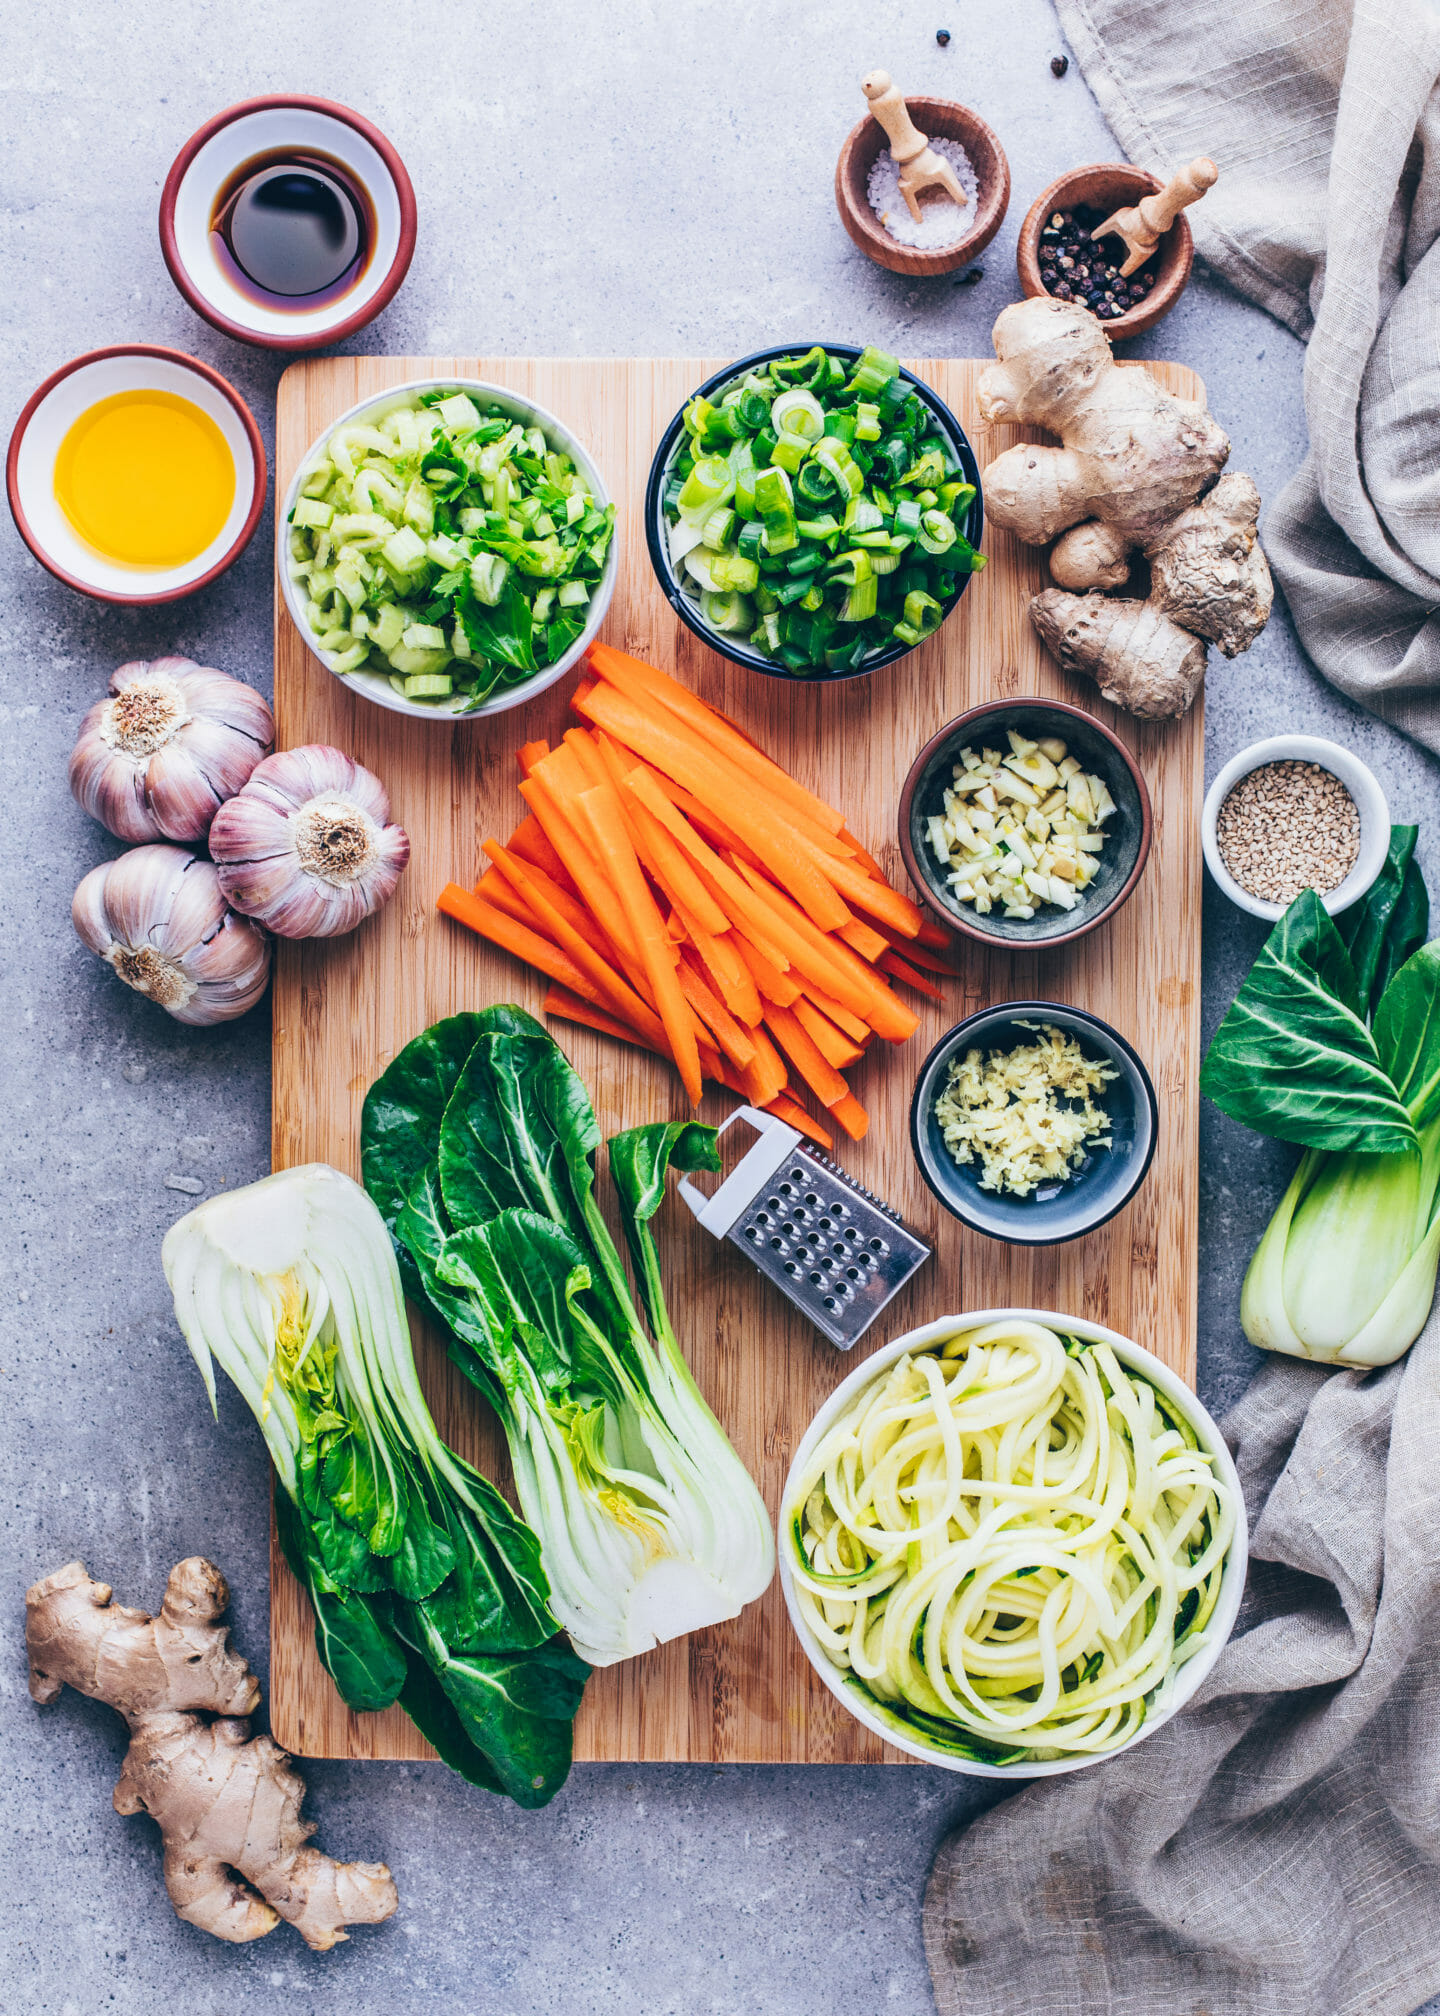 carrots, garlic, ginger, Bok Choy, zucchini, scallions, celery, oil, sesame for dumpling vegetable soup